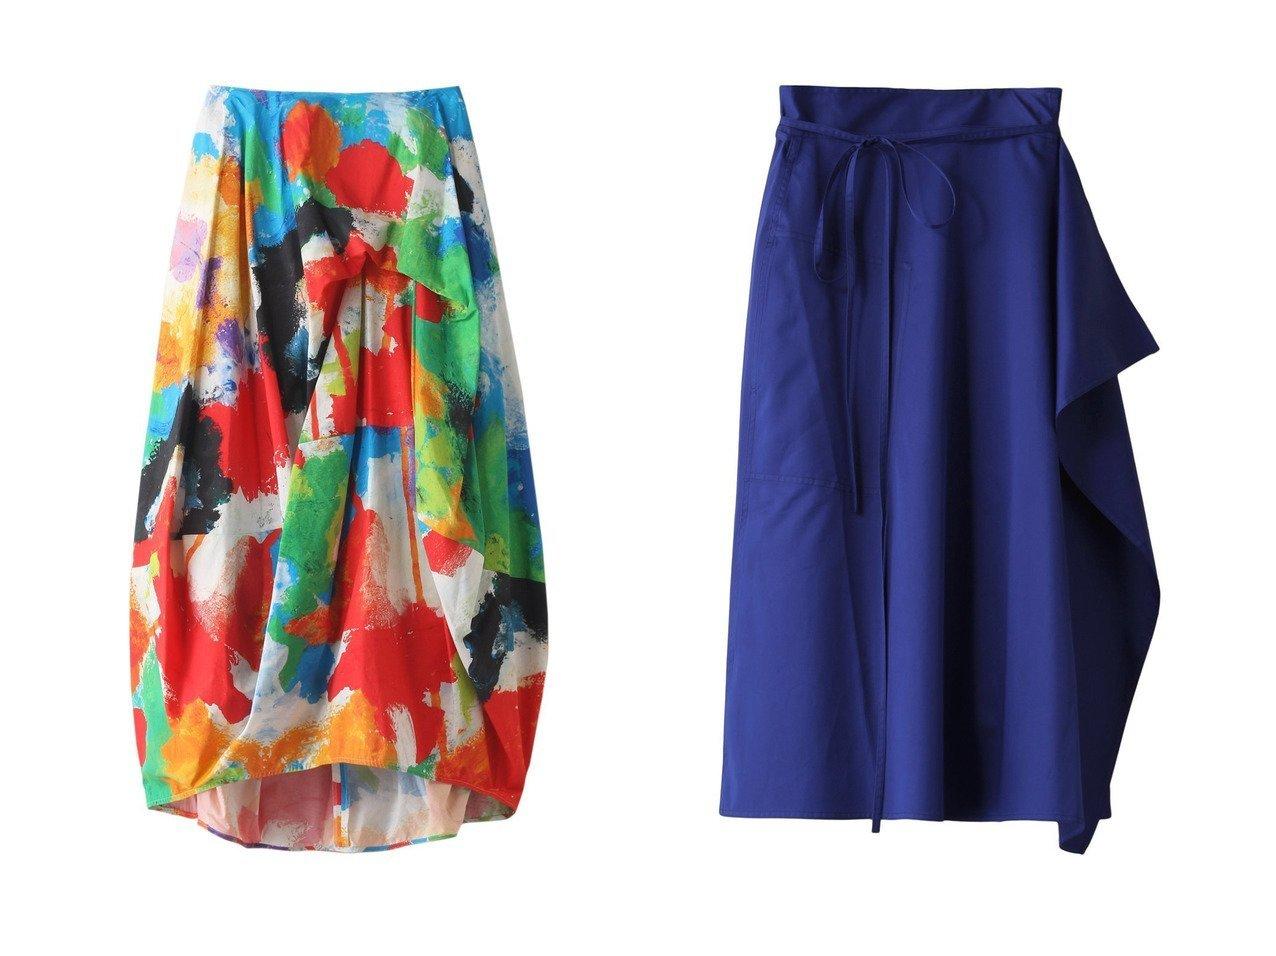 【nagonstans/ナゴンスタンス】のBoiling Sun バルーンスカート&【martinique/マルティニーク】の【SOFIE D HOORE】コットンラップスカート 【スカート】おすすめ!人気、トレンド・レディースファッションの通販 おすすめで人気の流行・トレンド、ファッションの通販商品 メンズファッション・キッズファッション・インテリア・家具・レディースファッション・服の通販 founy(ファニー) https://founy.com/ ファッション Fashion レディースファッション WOMEN スカート Skirt ロングスカート Long Skirt S/S・春夏 SS・Spring/Summer シンプル セットアップ バルーン プリント ランダム ロング 春 Spring |ID:crp329100000035427